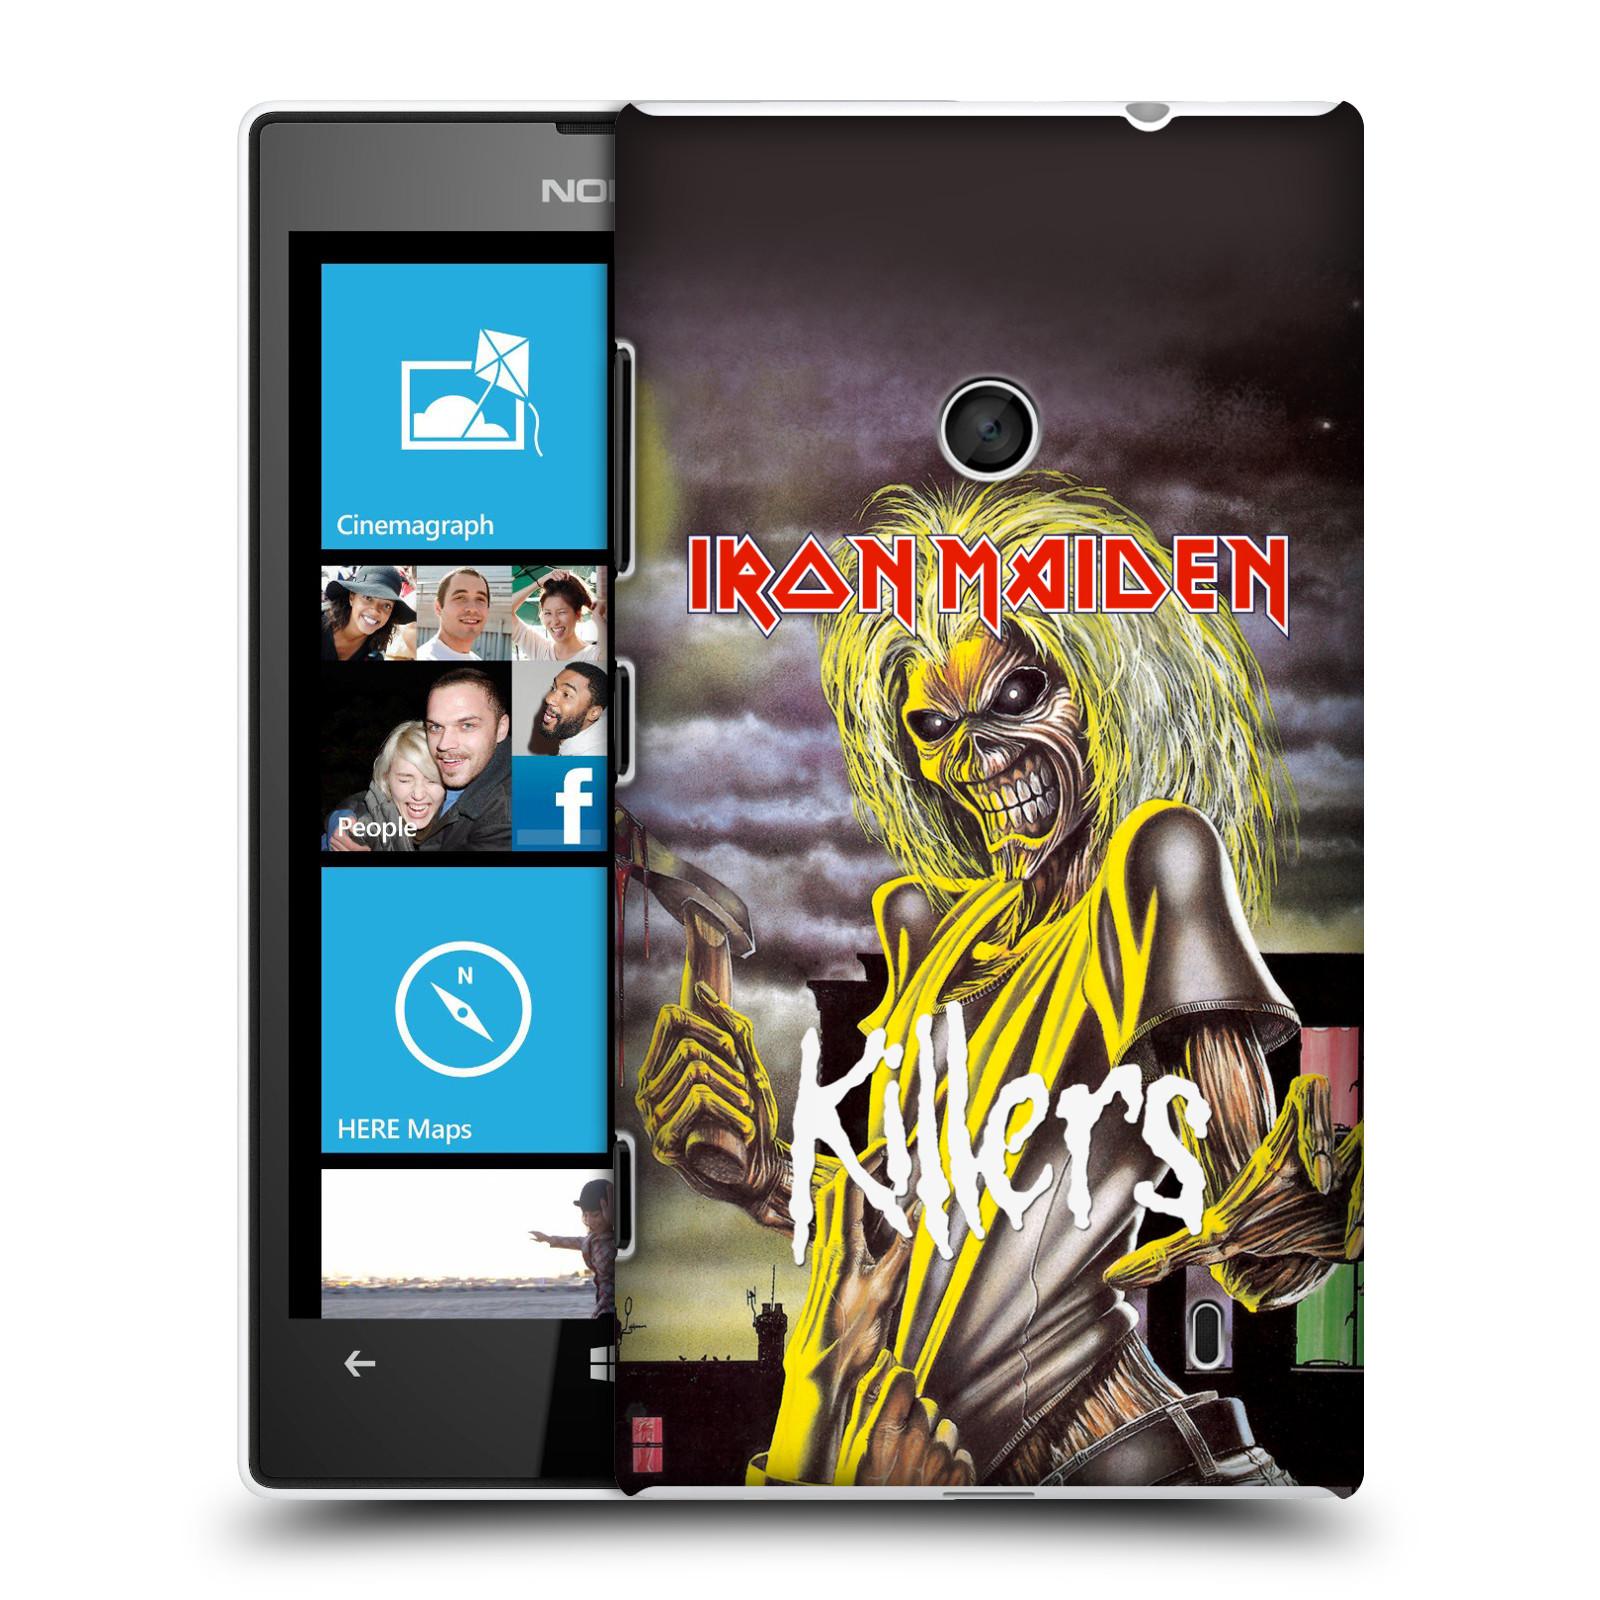 Plastové pouzdro na mobil Nokia Lumia 520 HEAD CASE - Iron Maiden - Killers